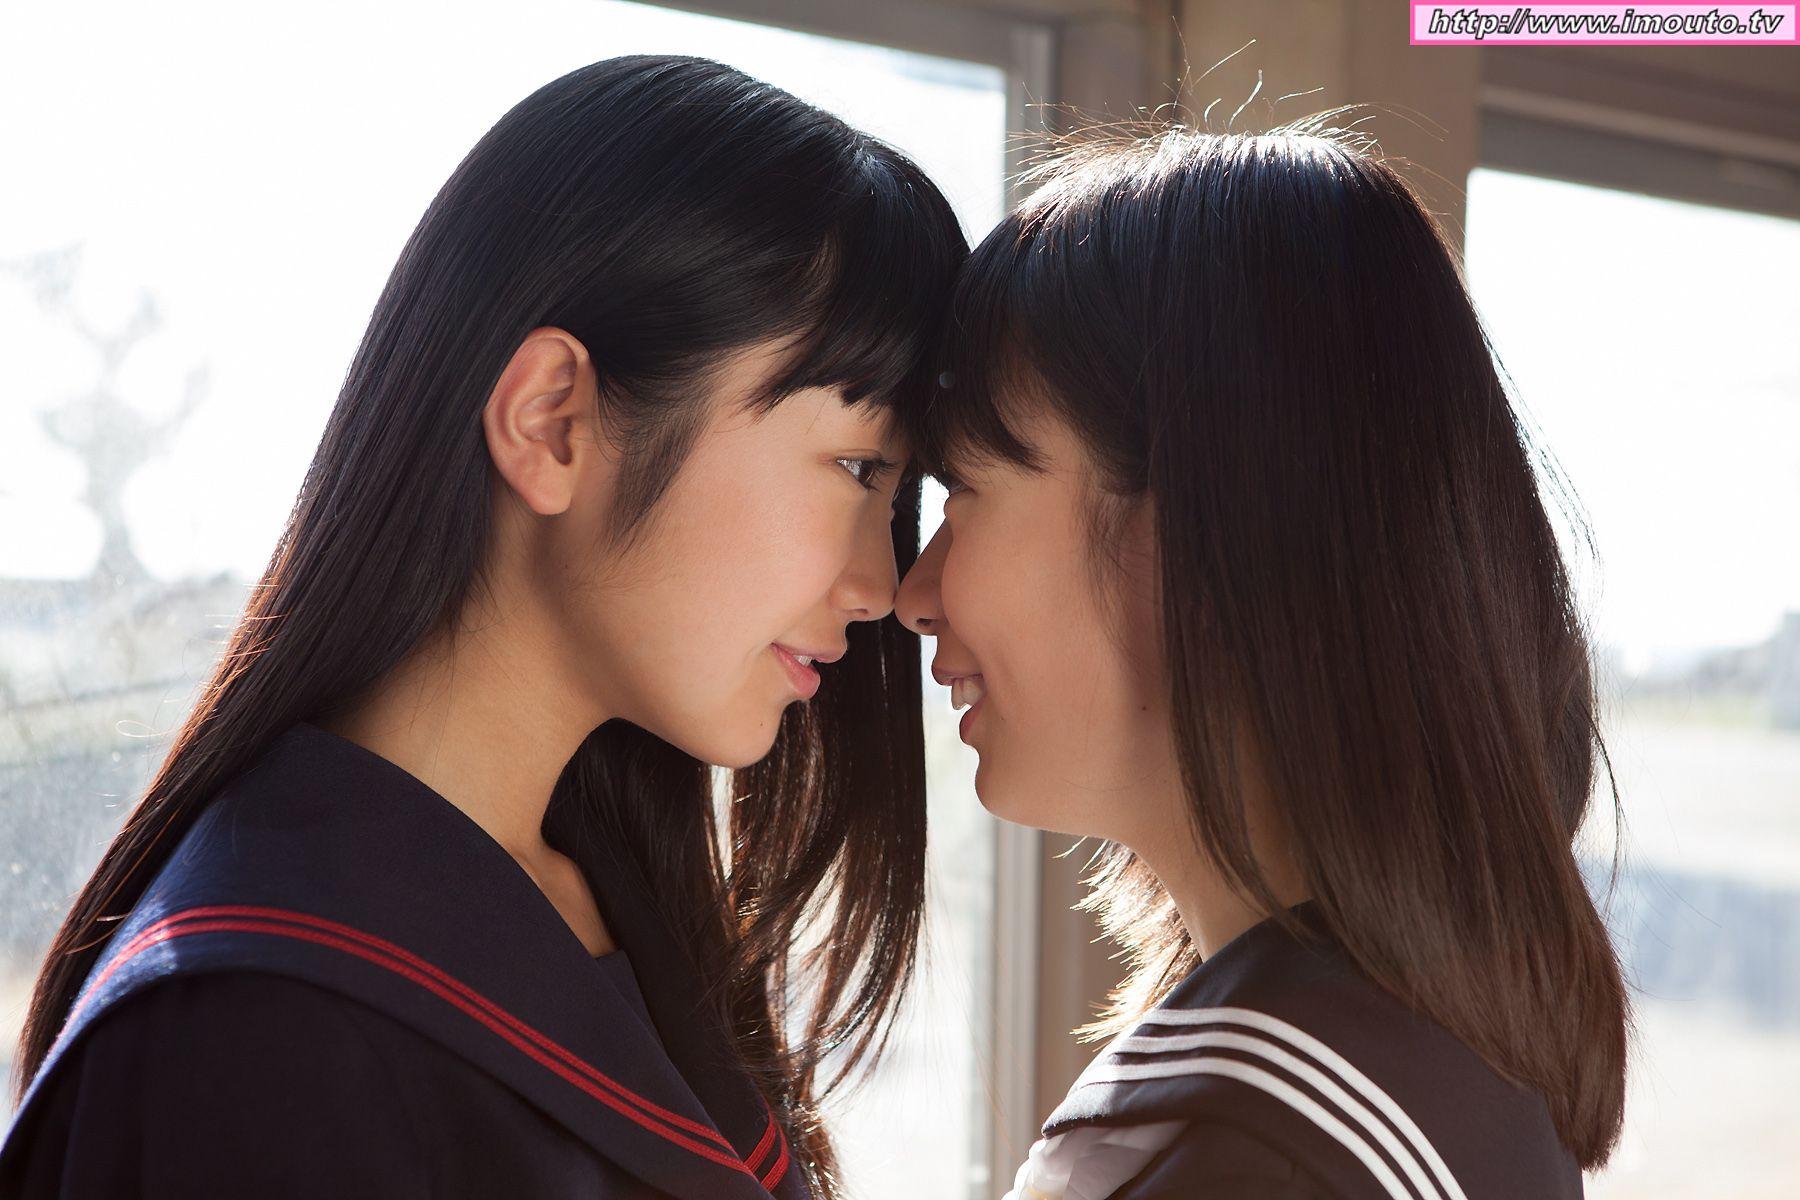 Shiina Momo imagesize:1800x1200